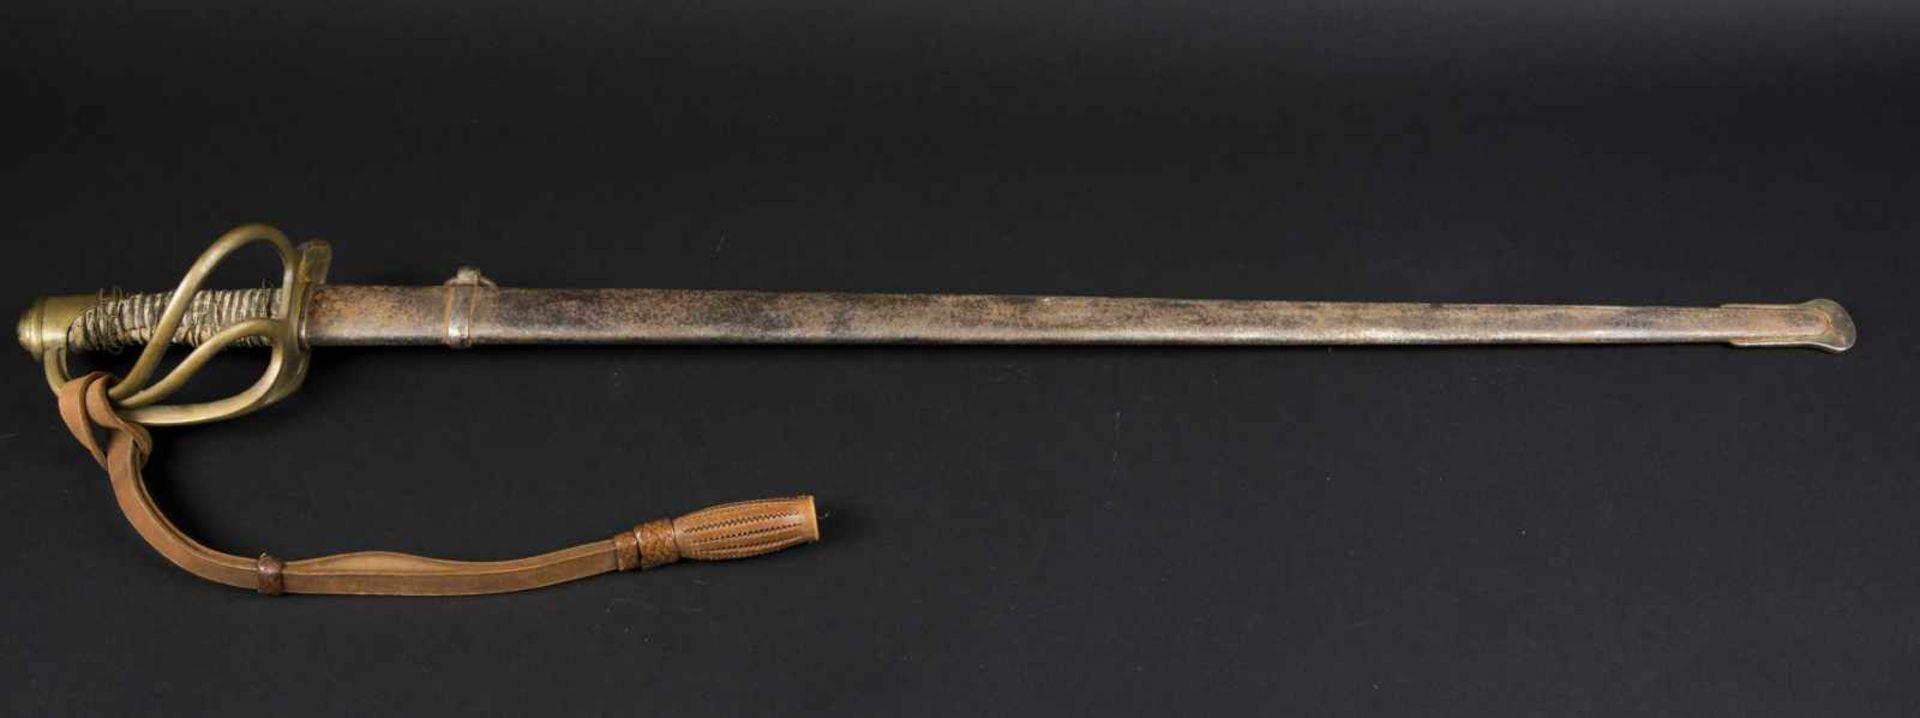 Sabre de cavalerie légère troupe modèle 1882 transformé 1883 lame droite, filigrane de la monture en - Bild 2 aus 4